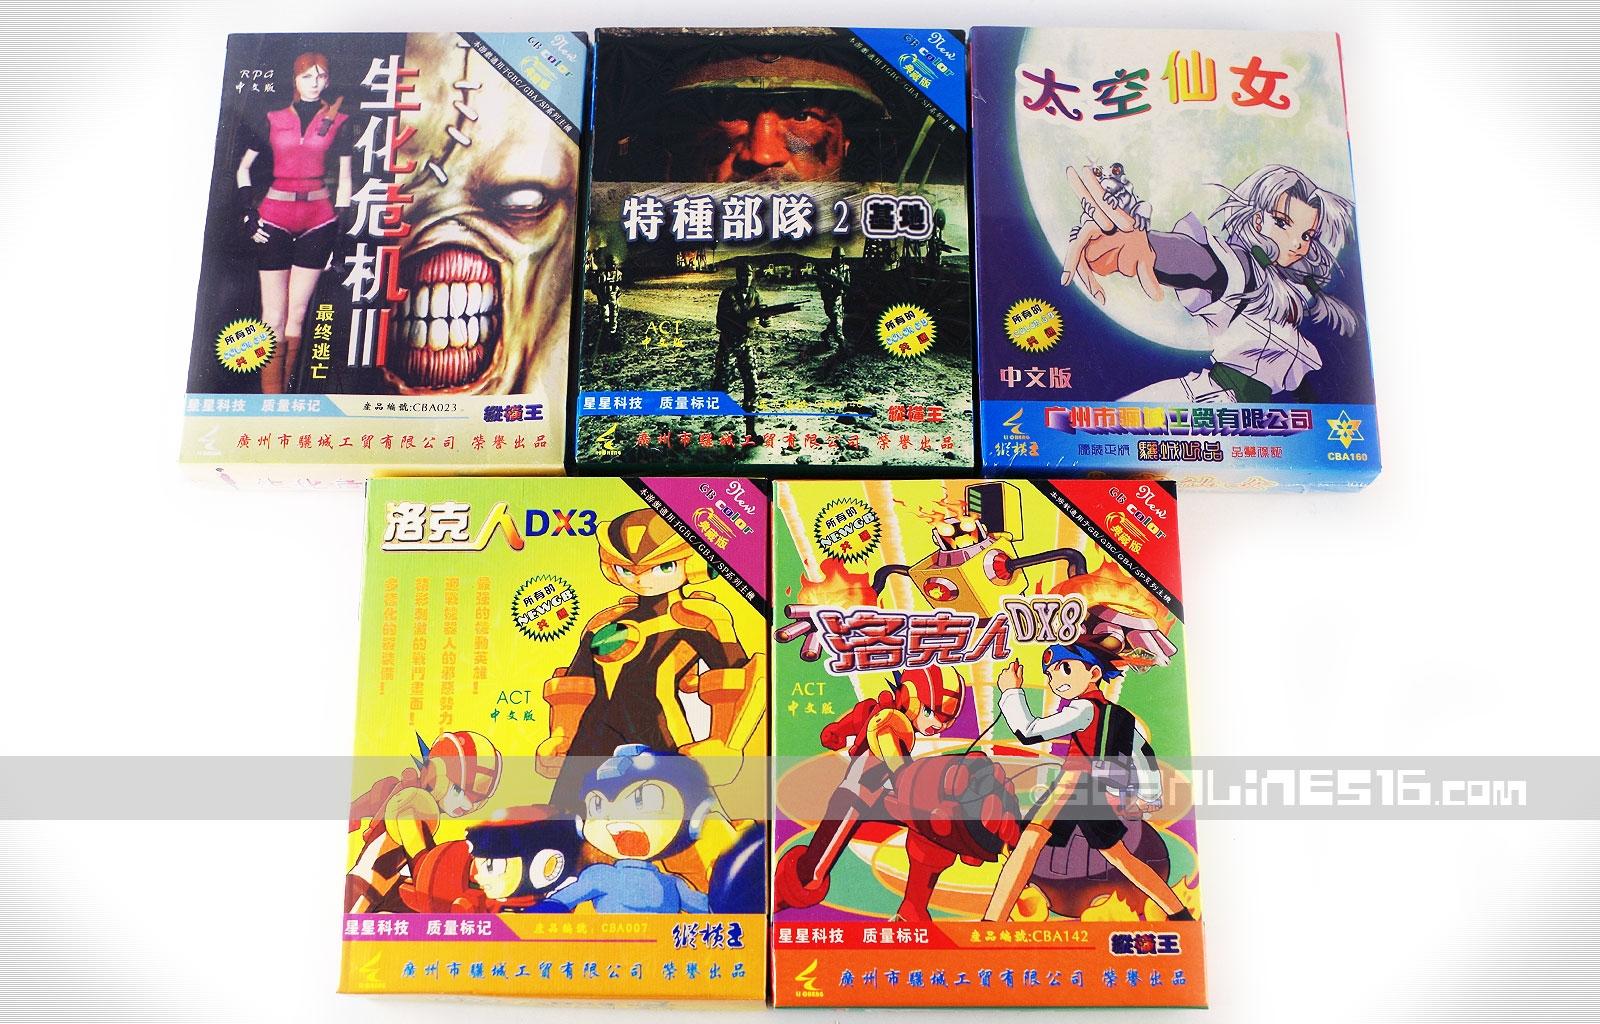 Les 3 jeux au centre sont des créations inédites. En haut, il s'agit d'un portage très bien réalisé de Metal Slug, quand aux 2 titres en bas, il s'agit de jeux Megaman inédits eux aussi.